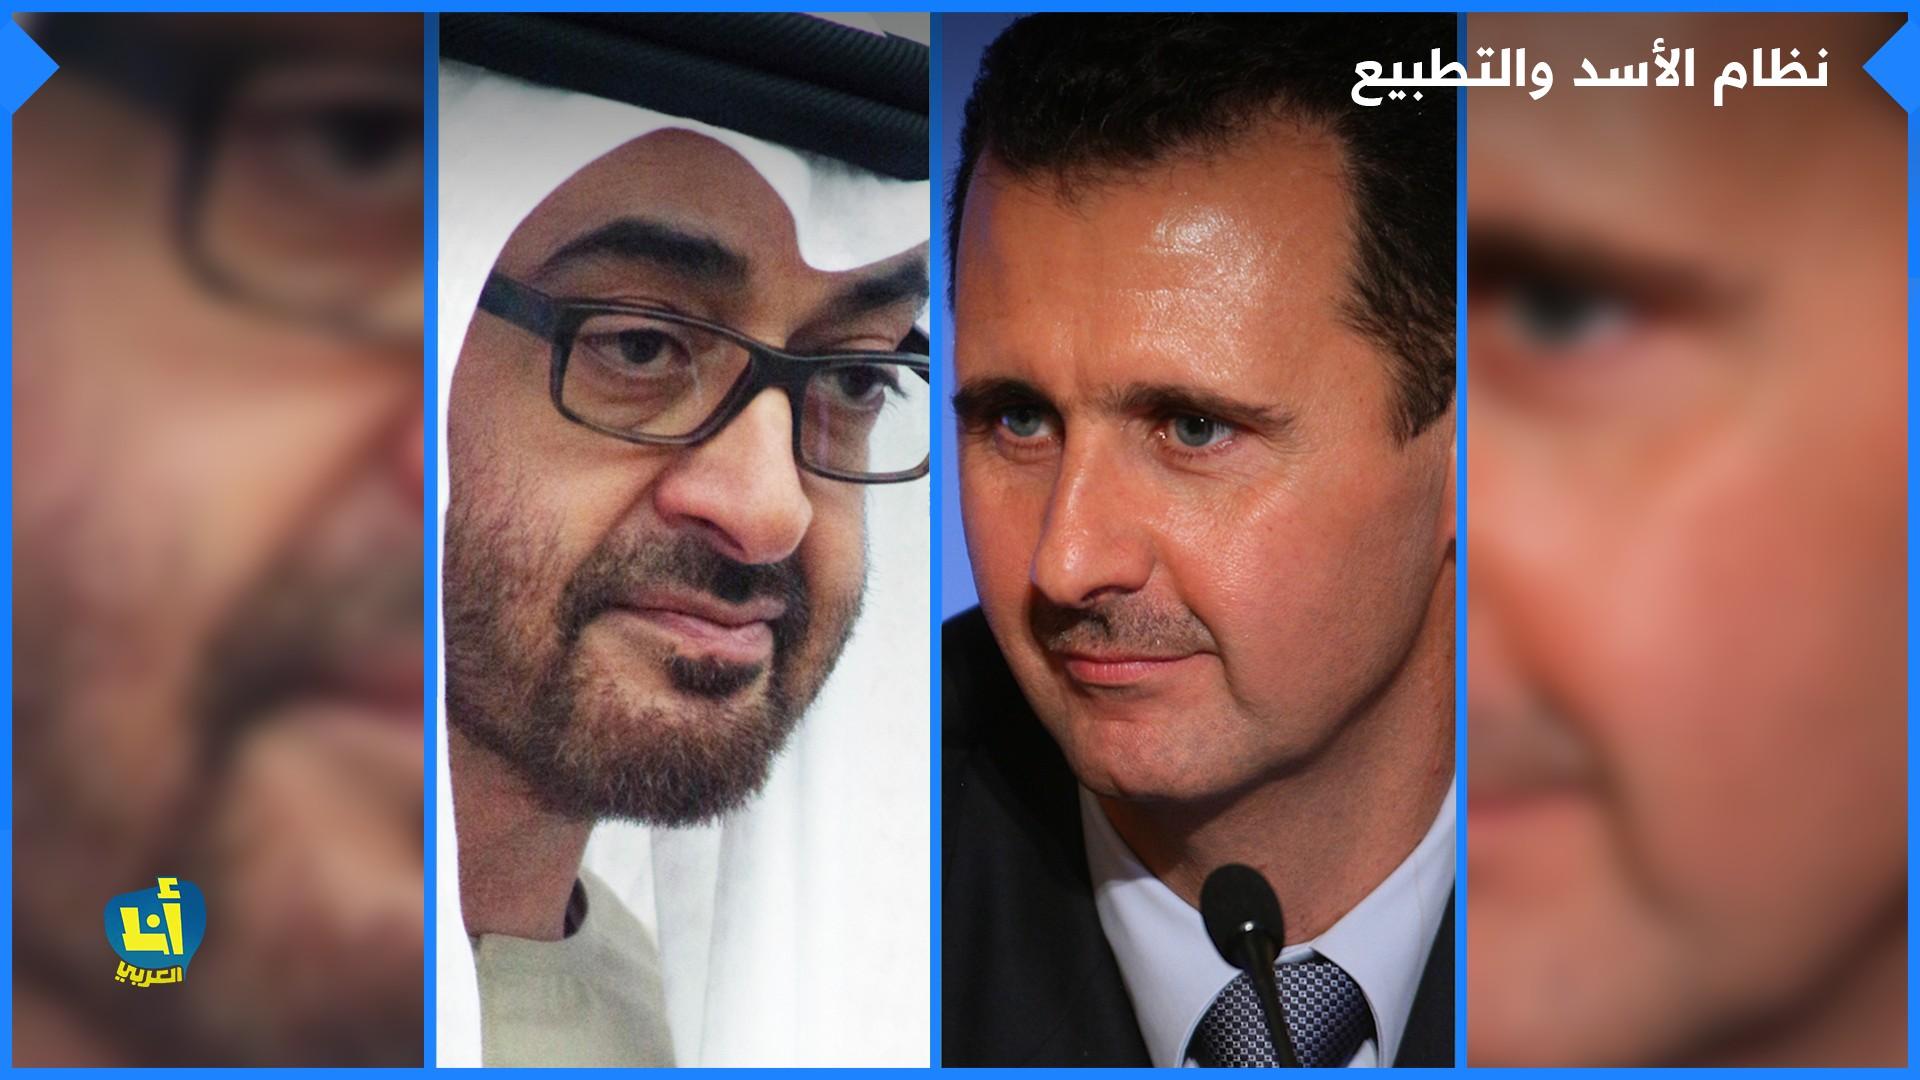 نظام-الأسد-والتطبيع-